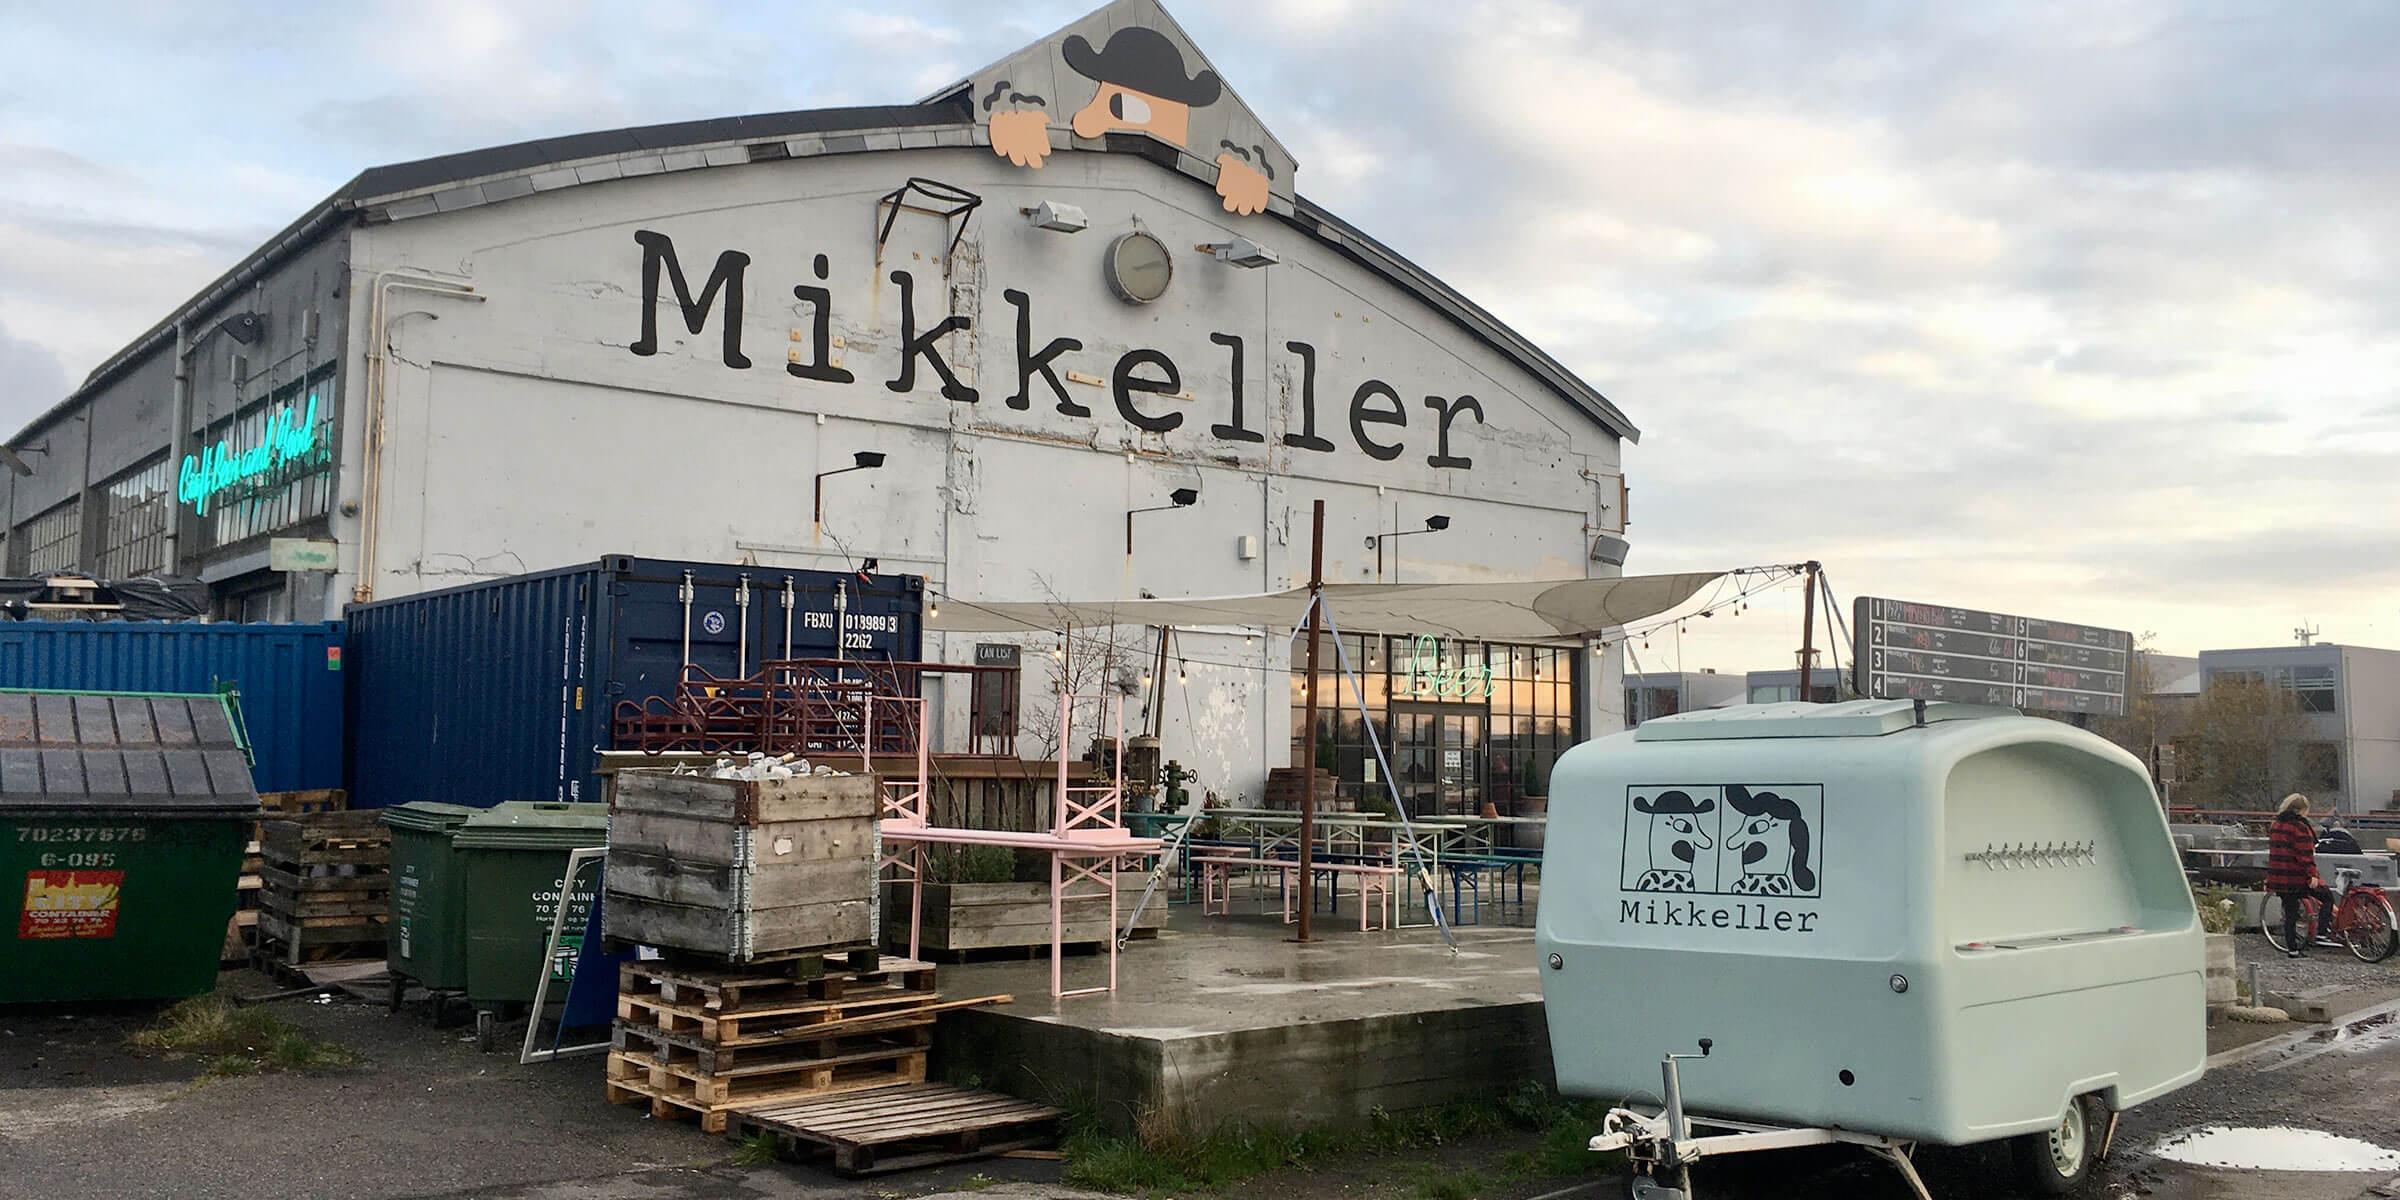 Outside the Mikkeller Headquarters in Copenhagen, Denmark